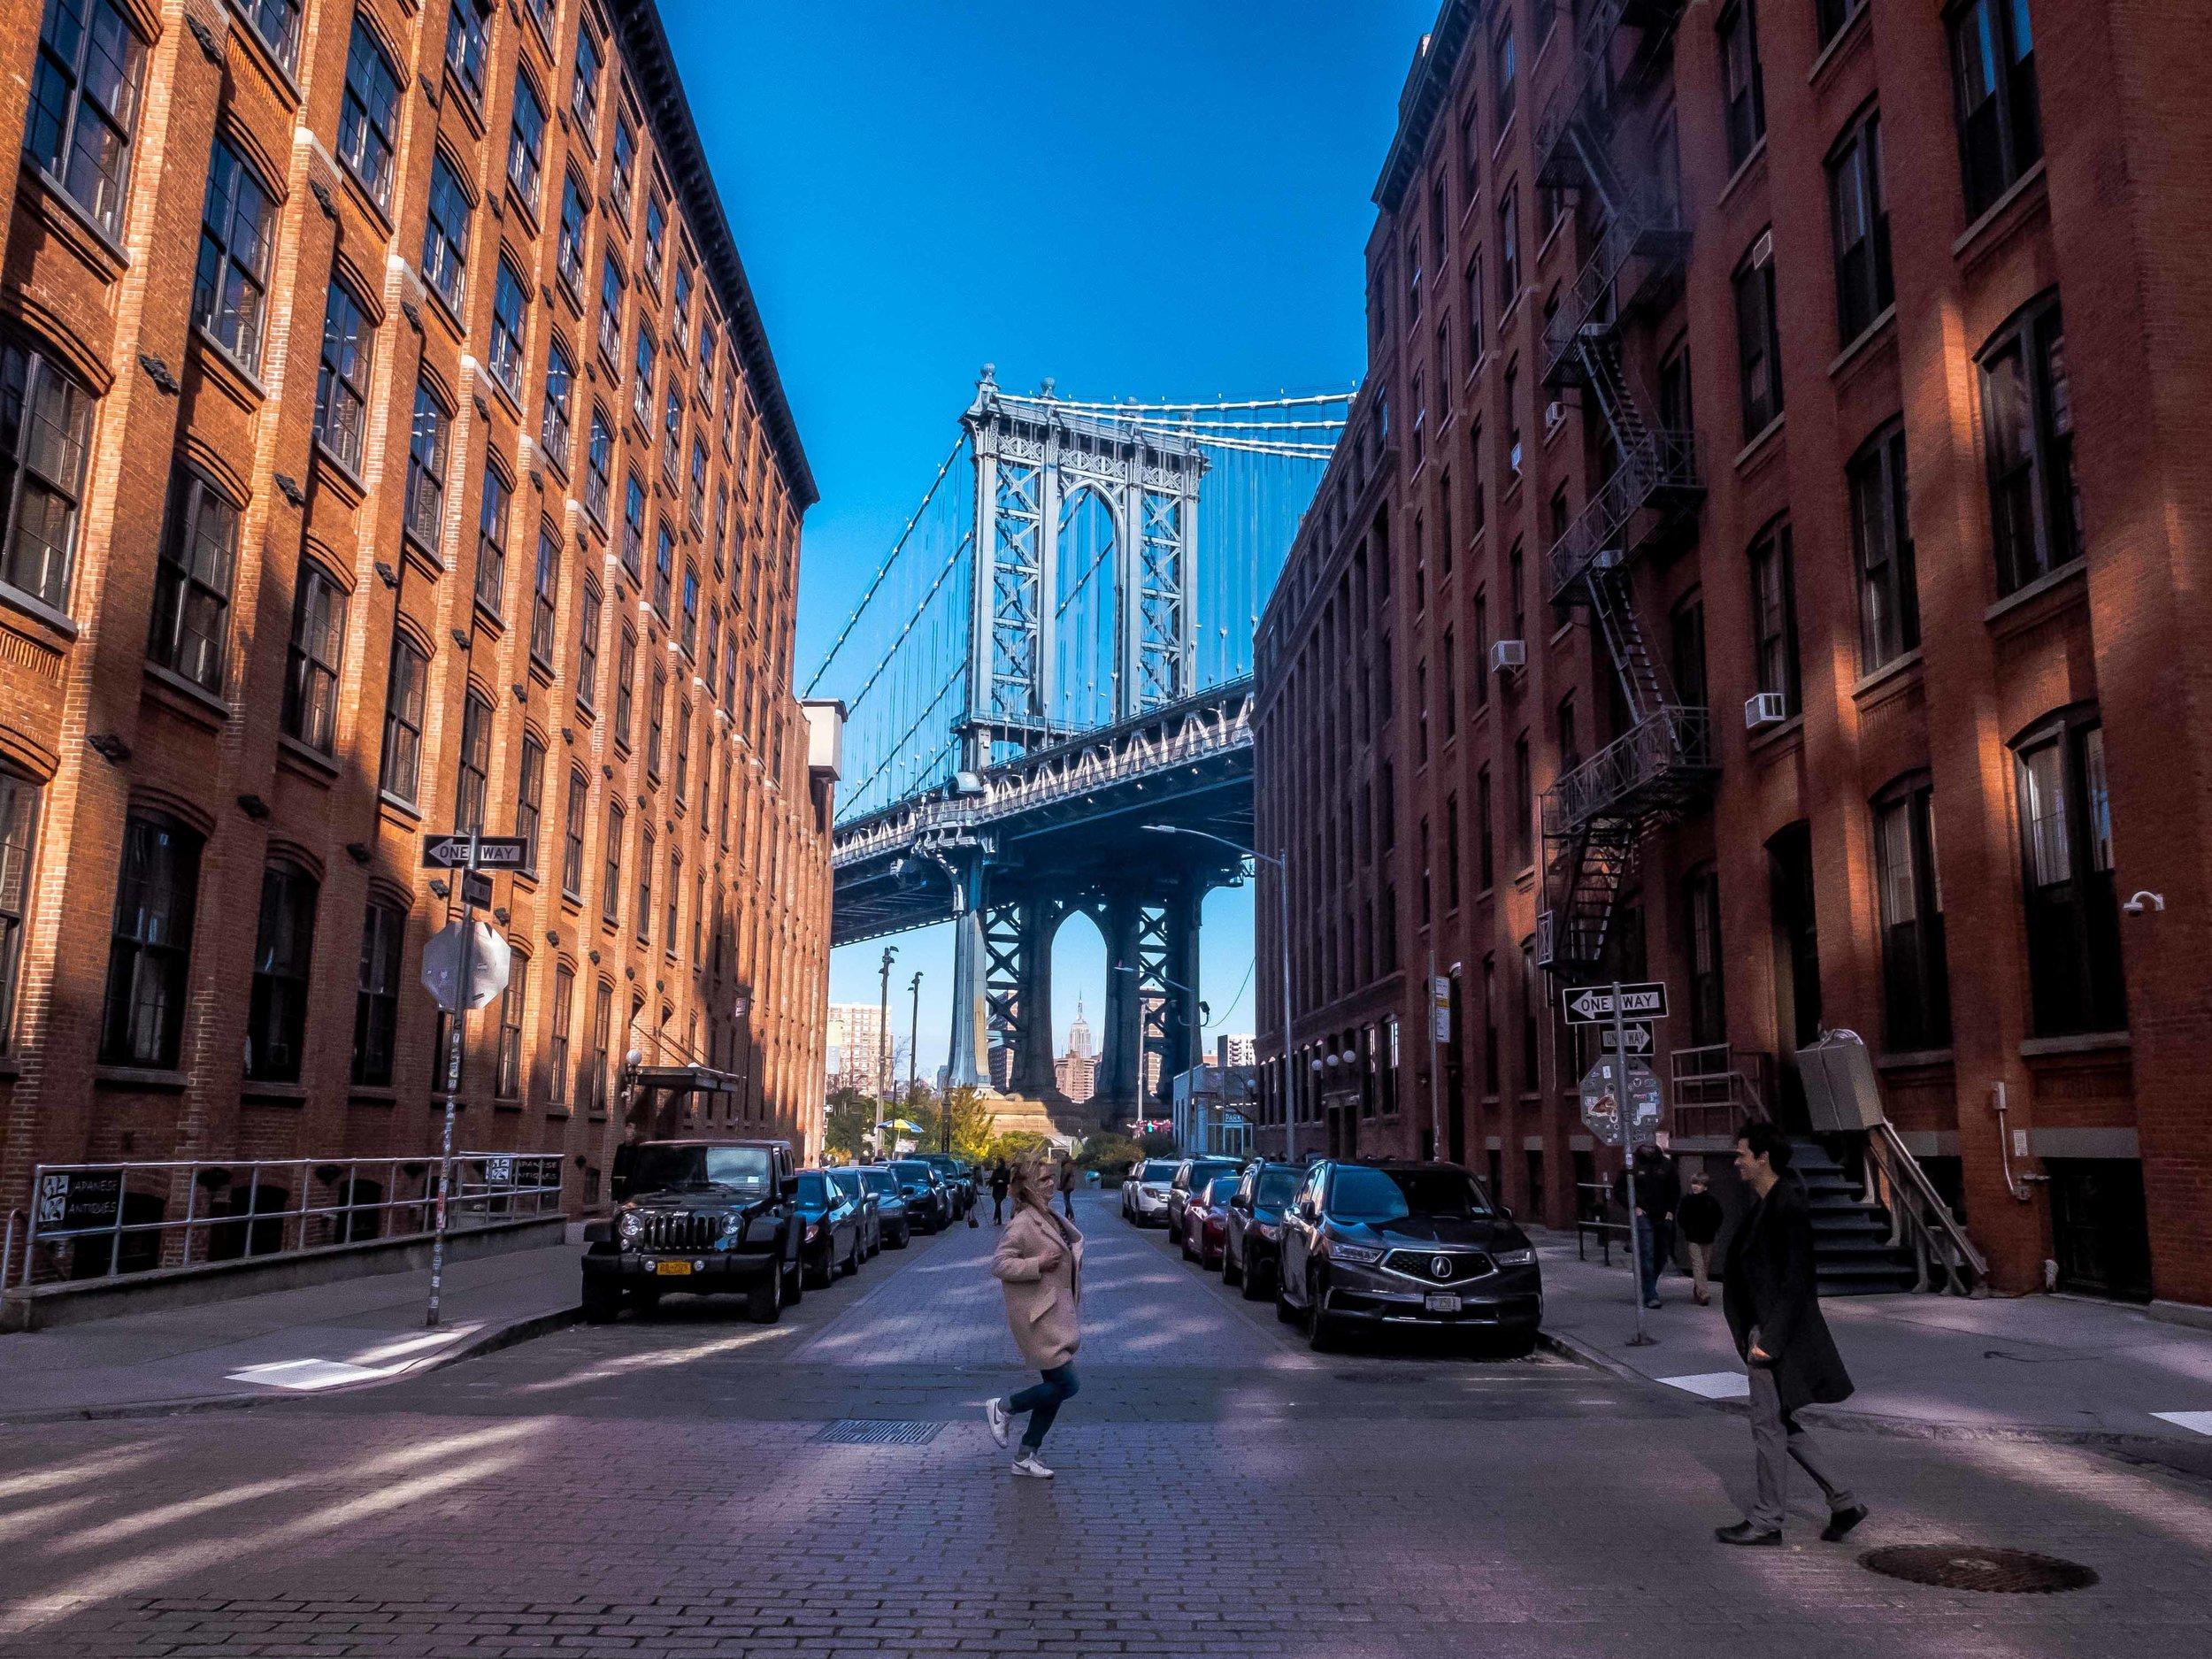 backpackyourkids-newyork-dumbo-2.jpg